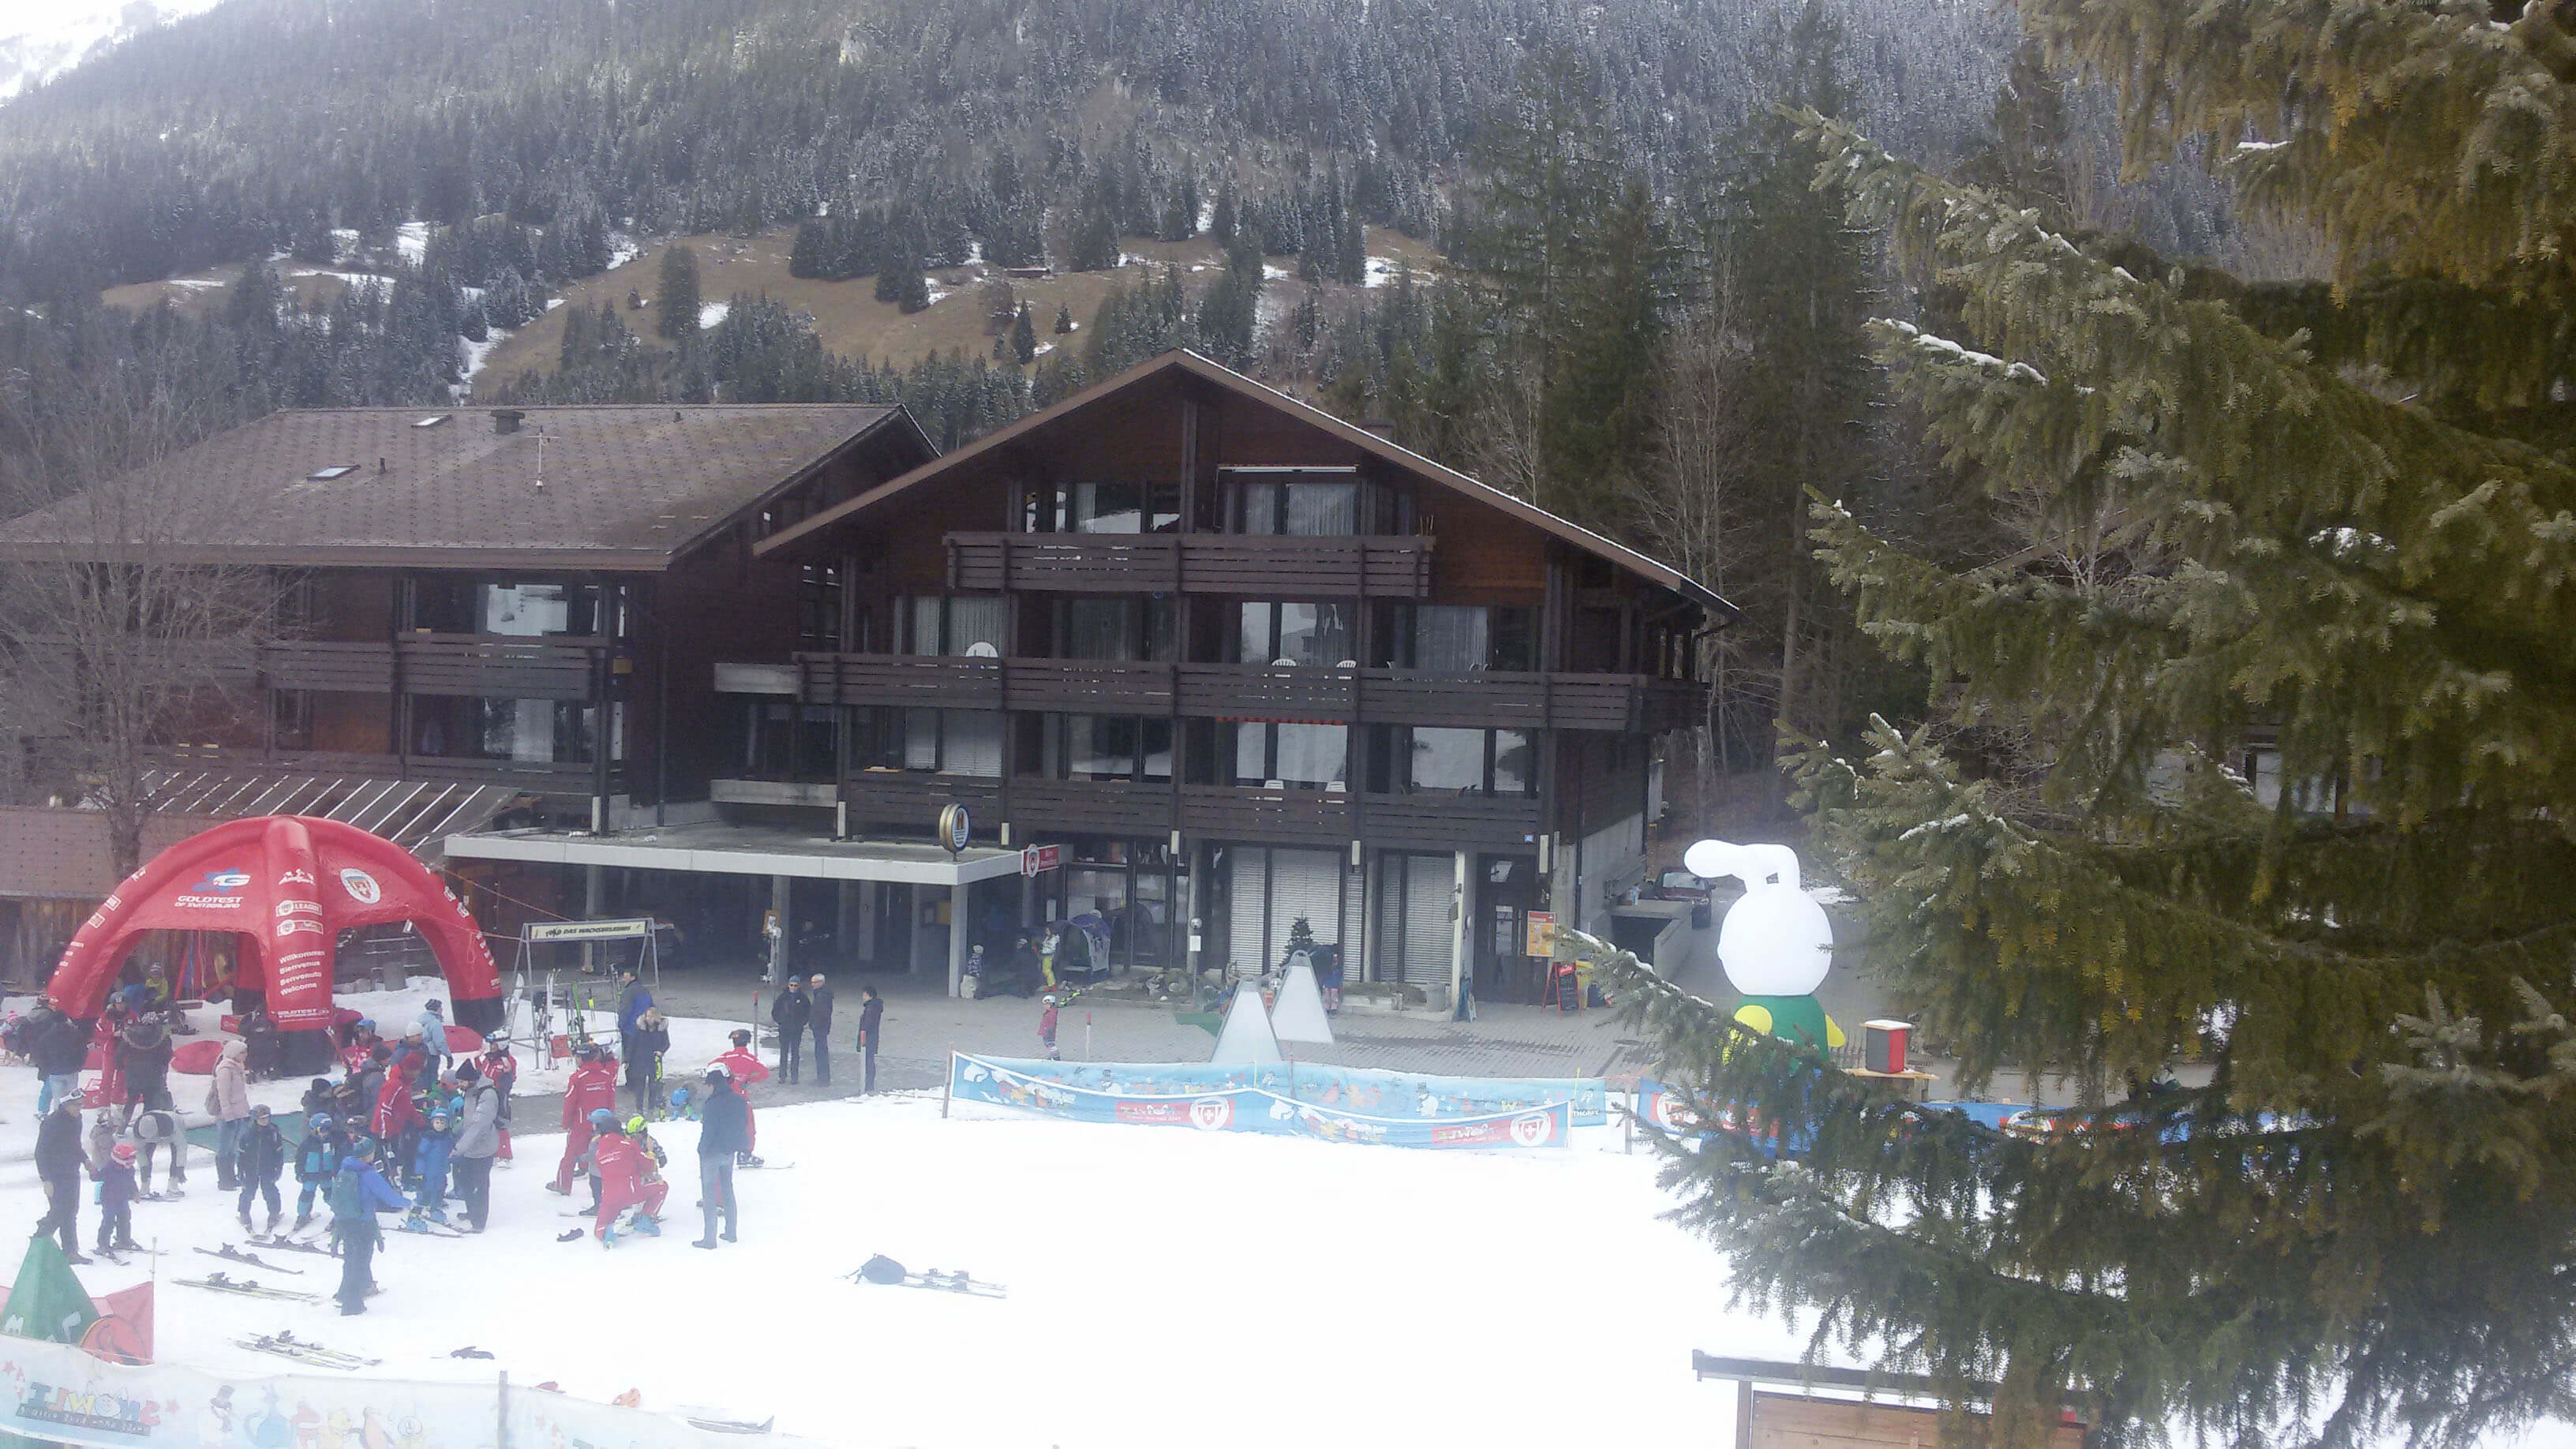 Ferienzentrum Restaurant Skischule Winter Snowli